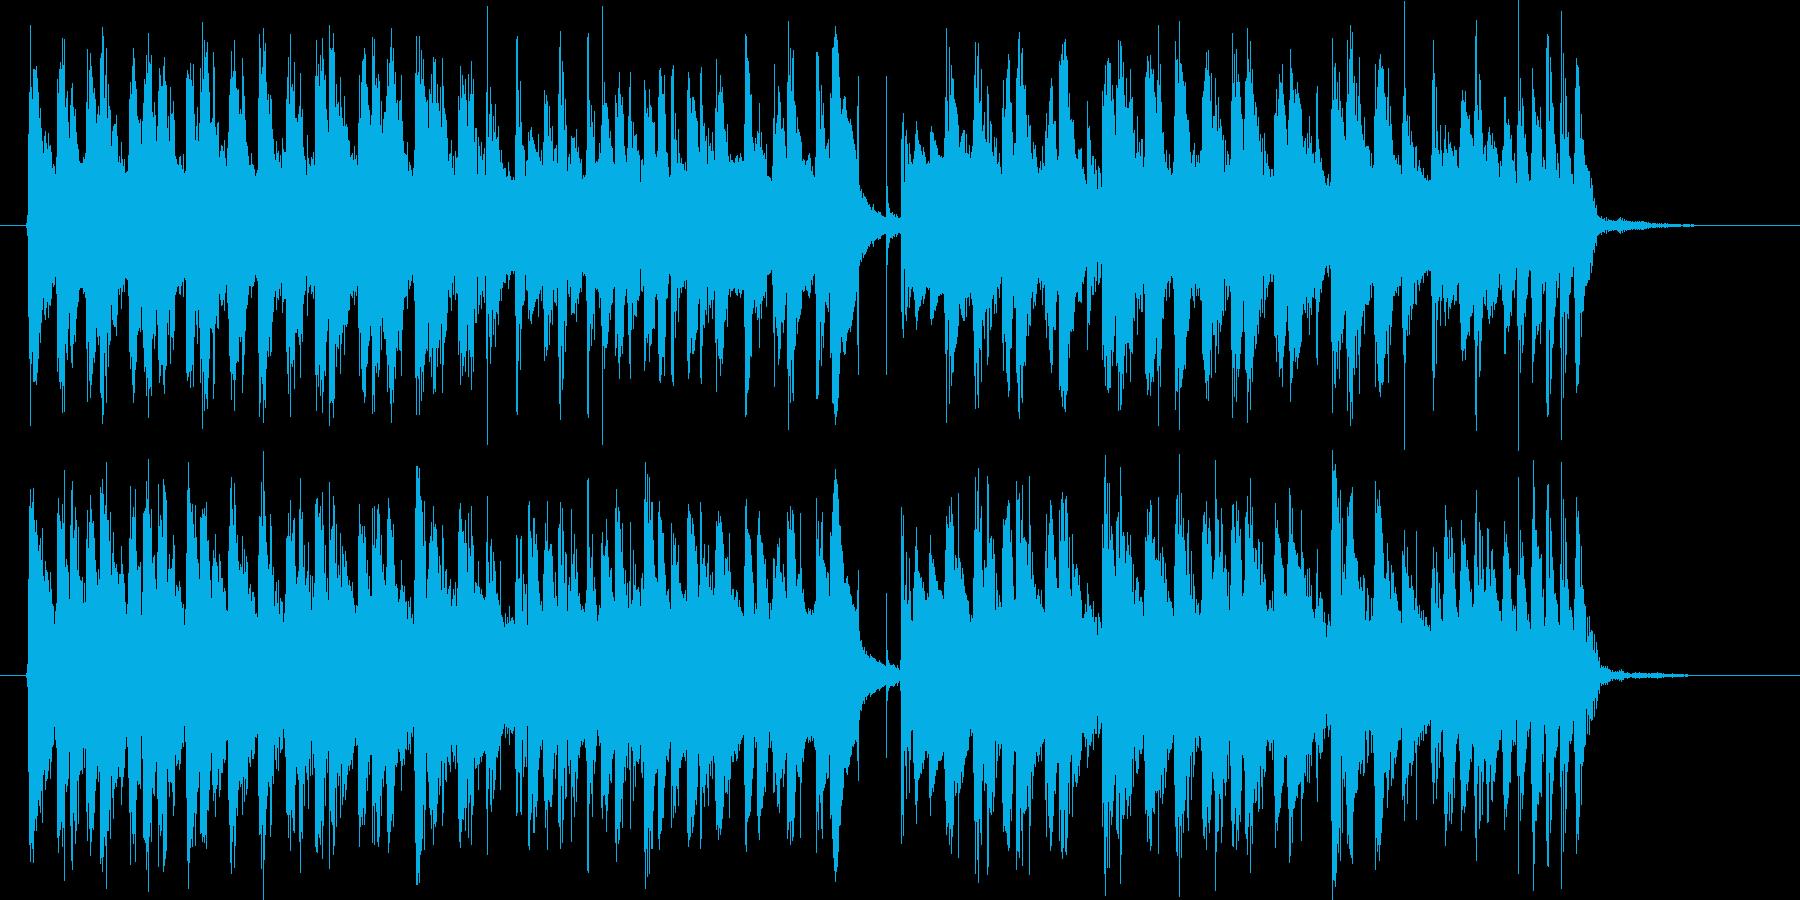 ゆったりと穏やかなシンセジングルの再生済みの波形